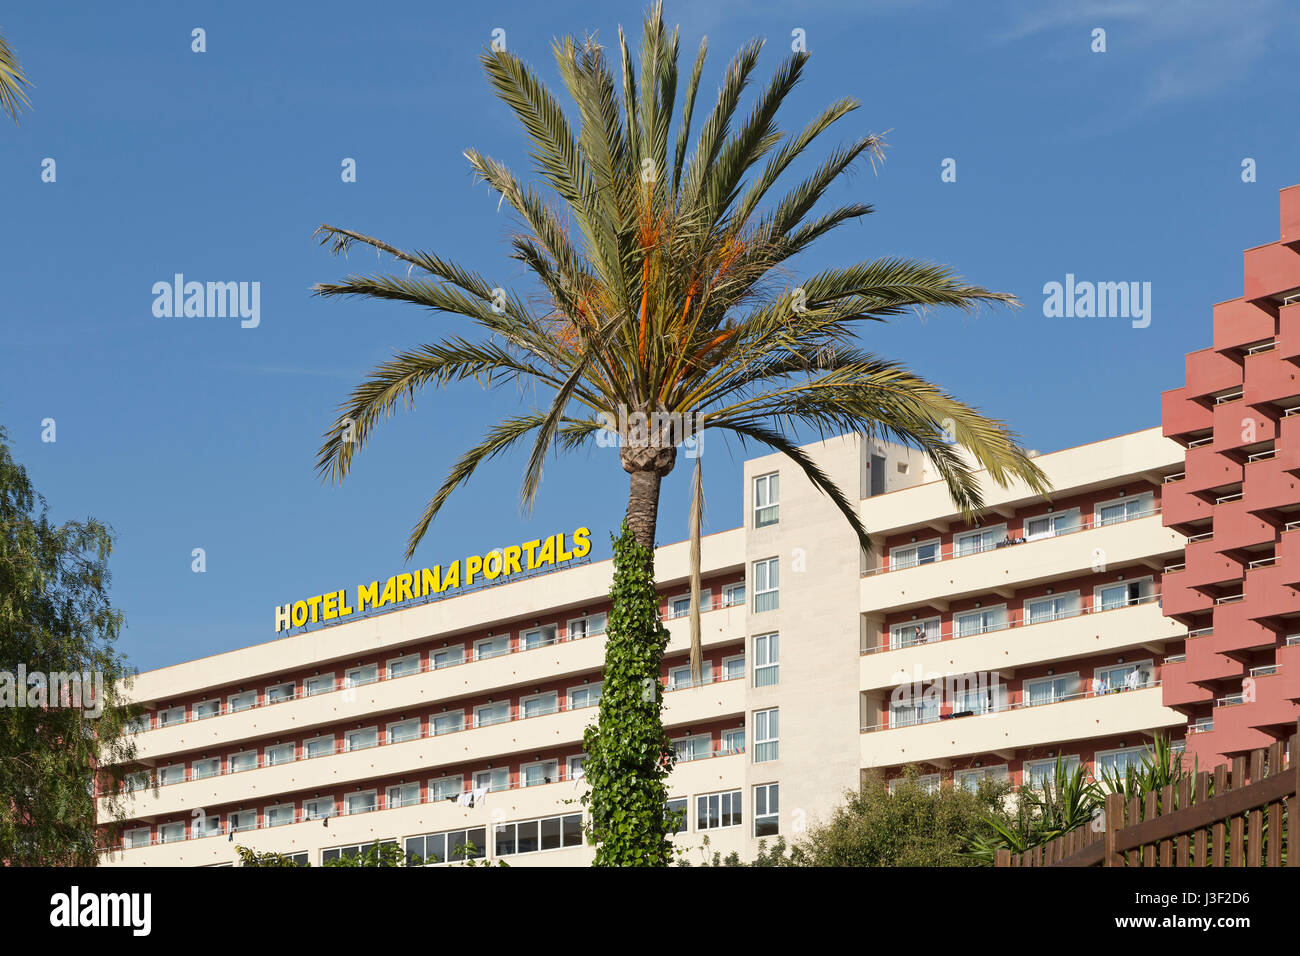 hotel Marina Portals in Portals Nous, Mallorca, Spain - Stock Image